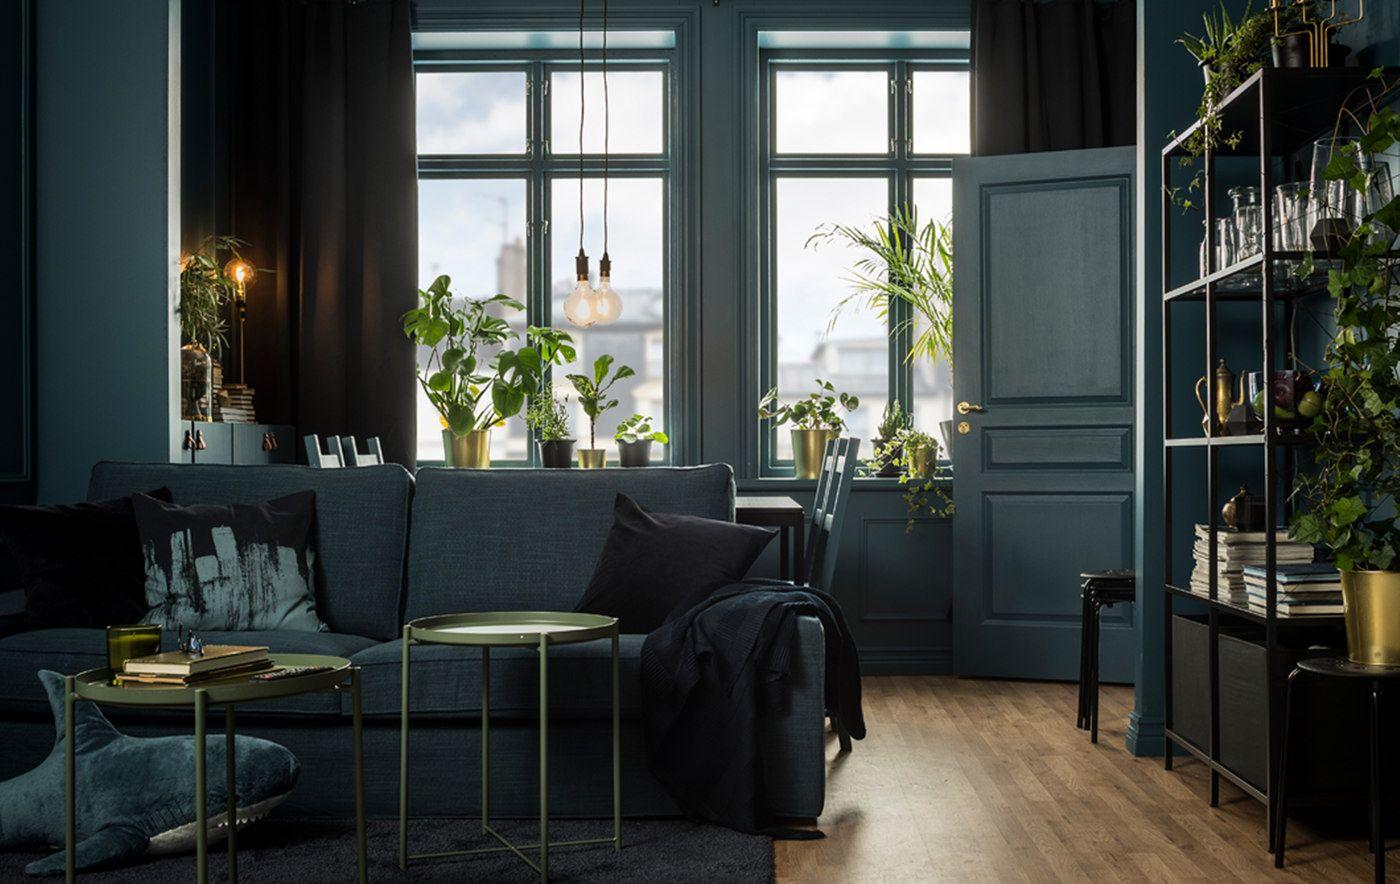 Wohnzimmer Günstig ~ Wohnzimmer günstig einrichten und schöner wohnen budgeting